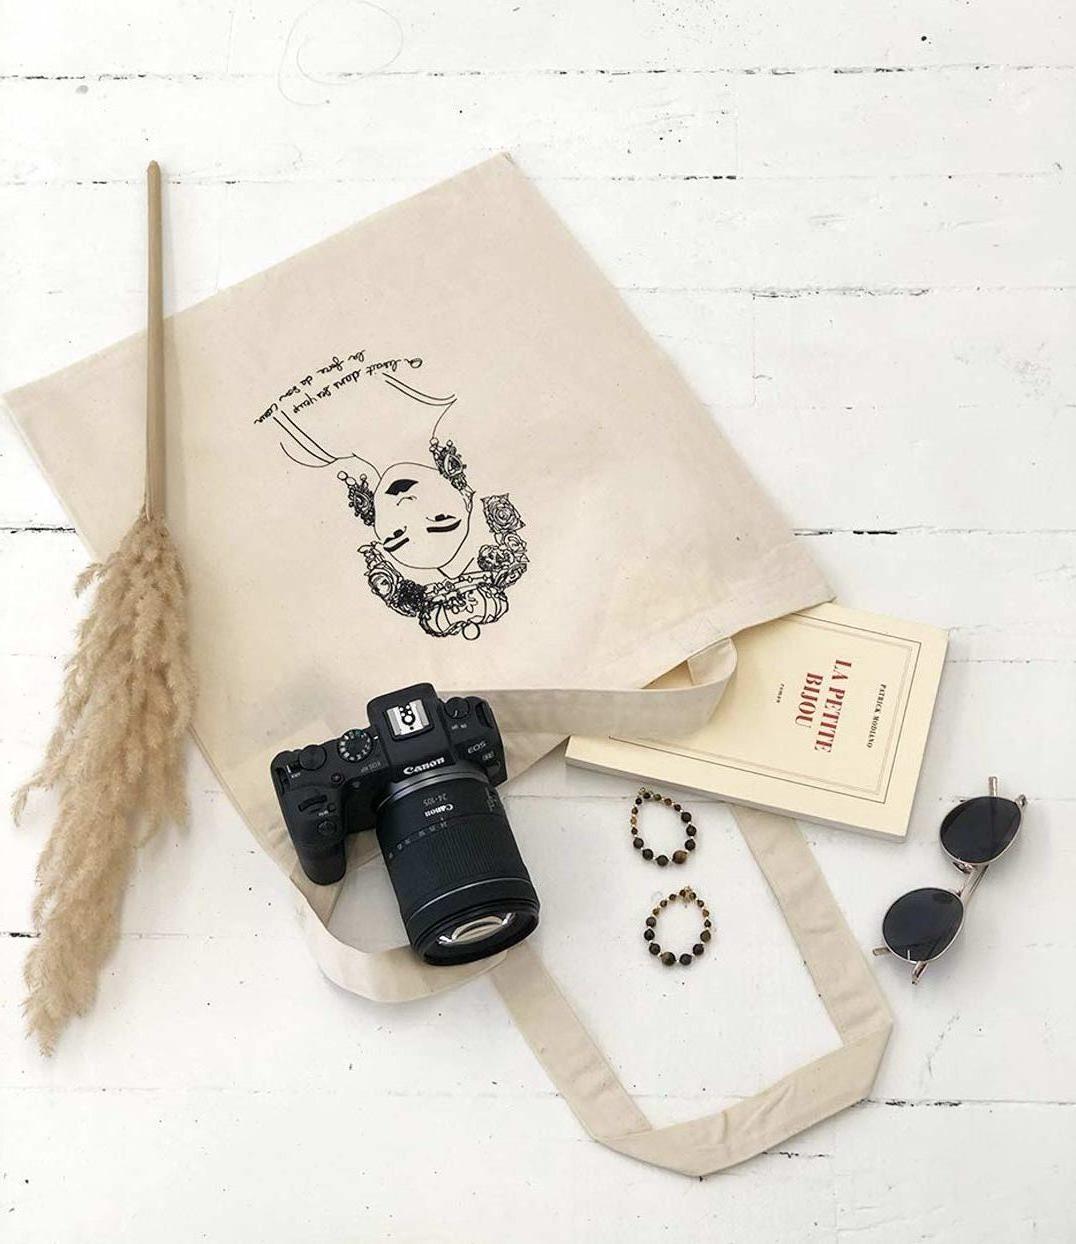 Un tote bag esperanza en coton leonor roversi est ouvert sur le sol. Il y a aussi un appareil photo et un livre